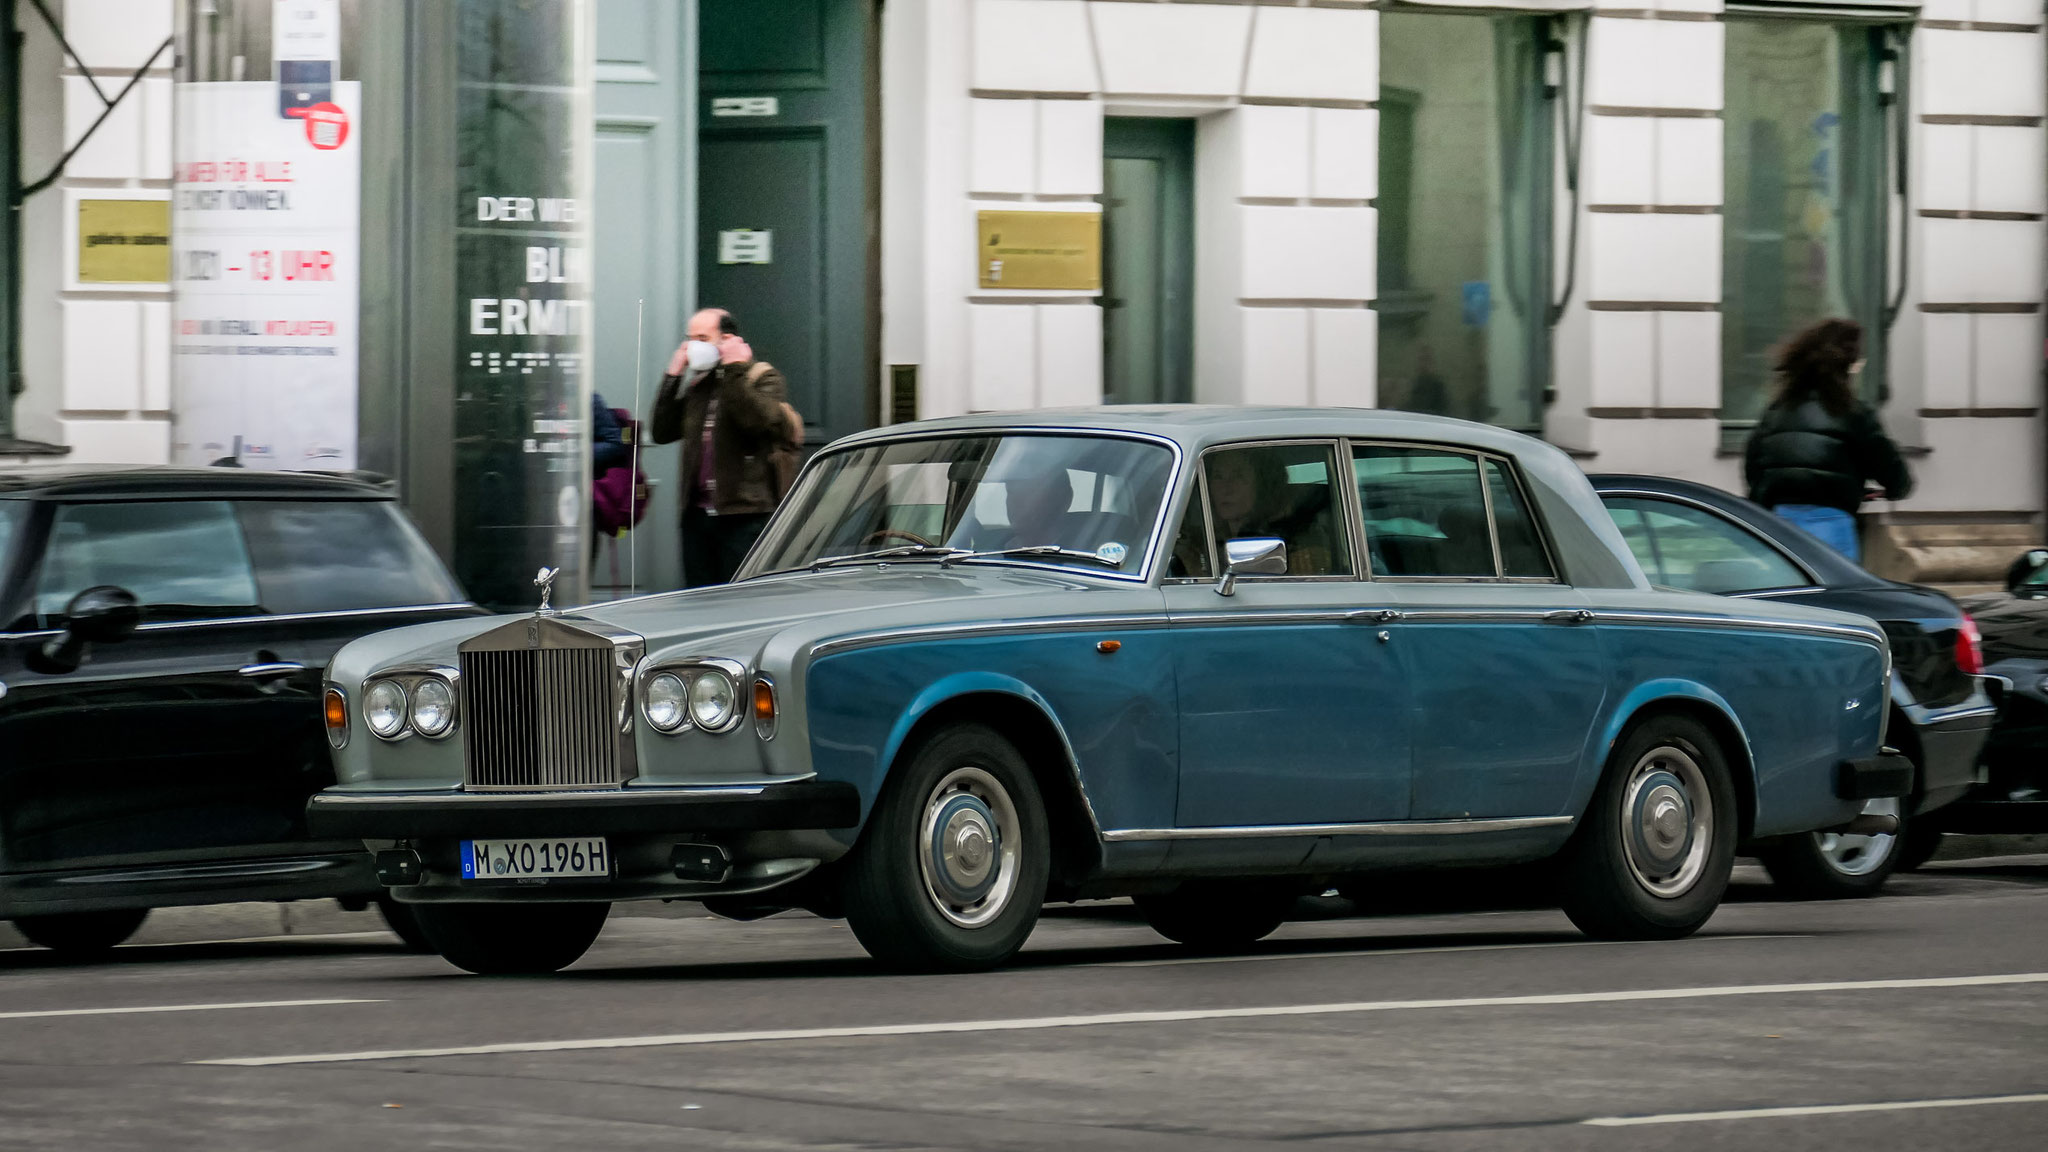 Rolls Royce Silver Shadow - M-XO-196H